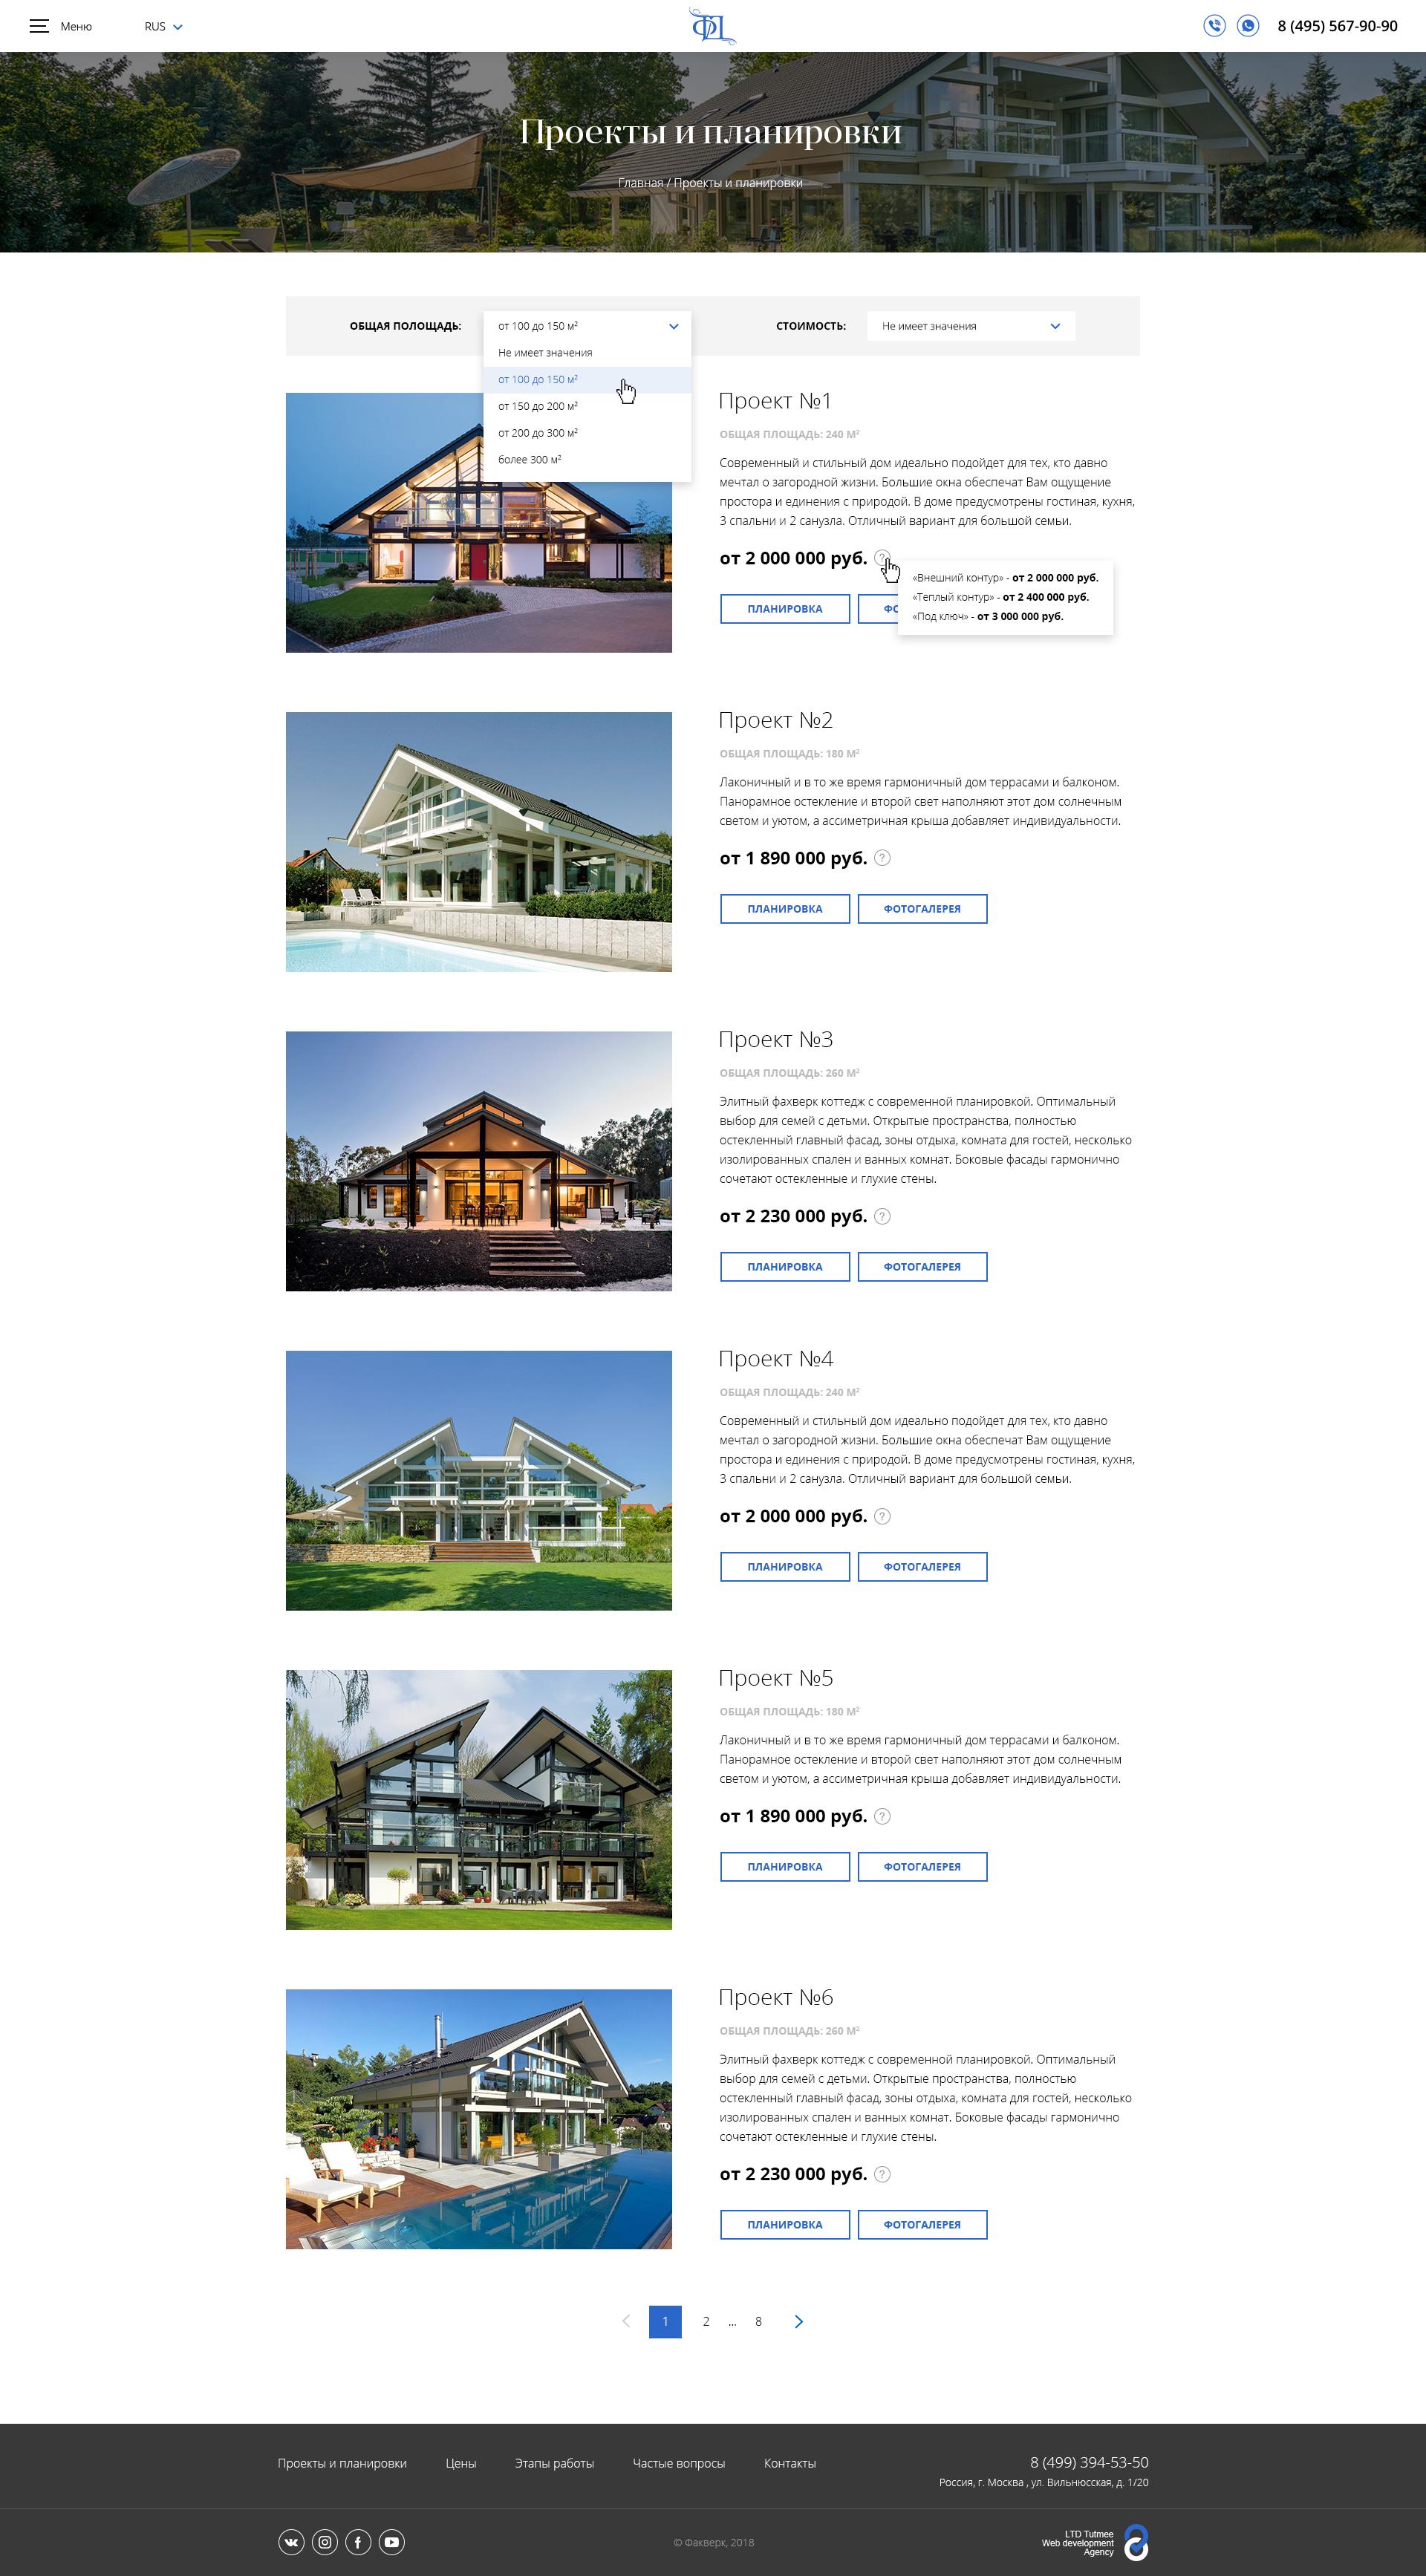 Сайт под ключ - Cтроительство домов в стиле Фахверк